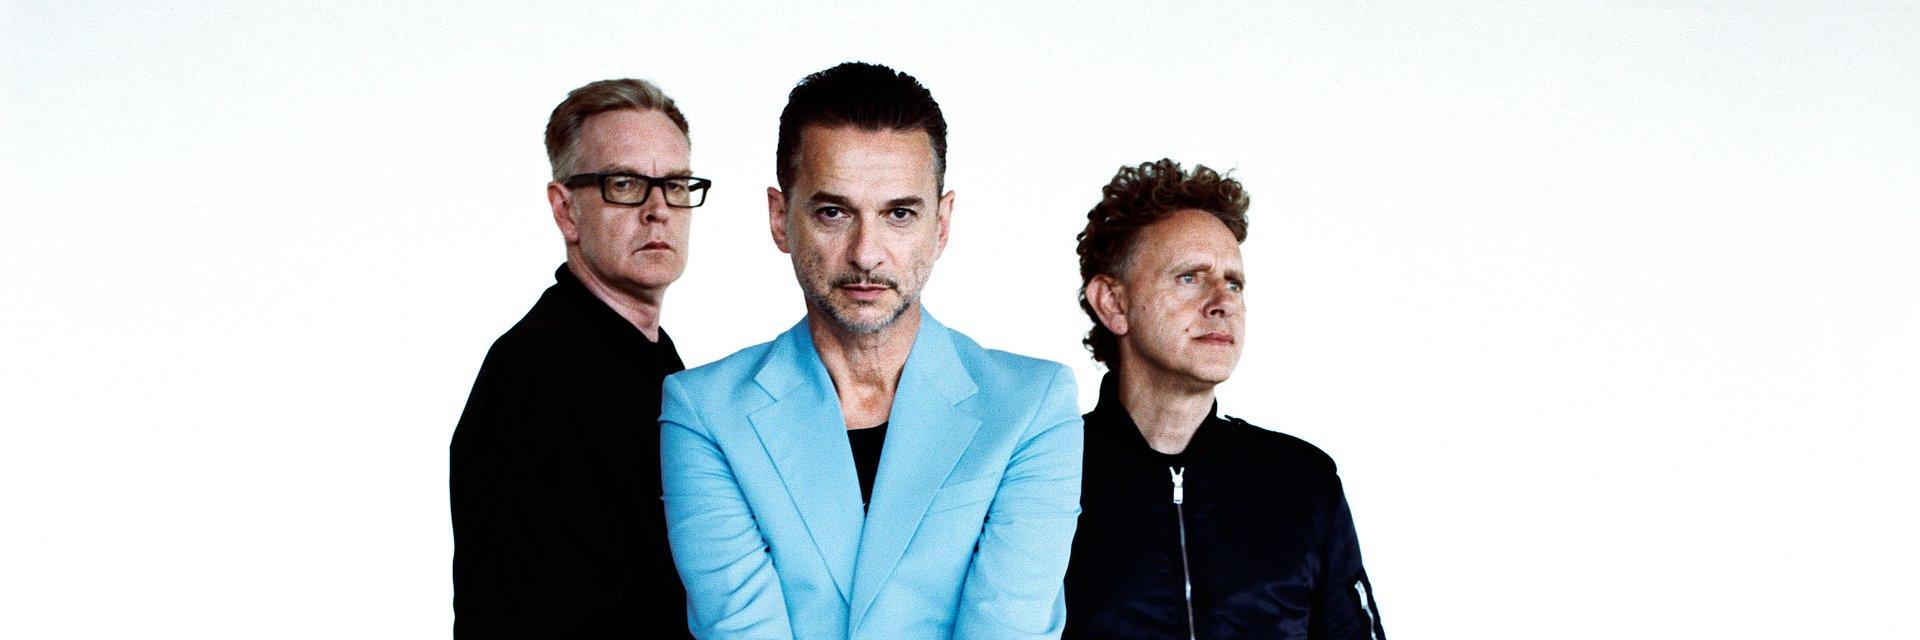 Nowe wydawnictwa od Depeche Mode już 26 czerwca!